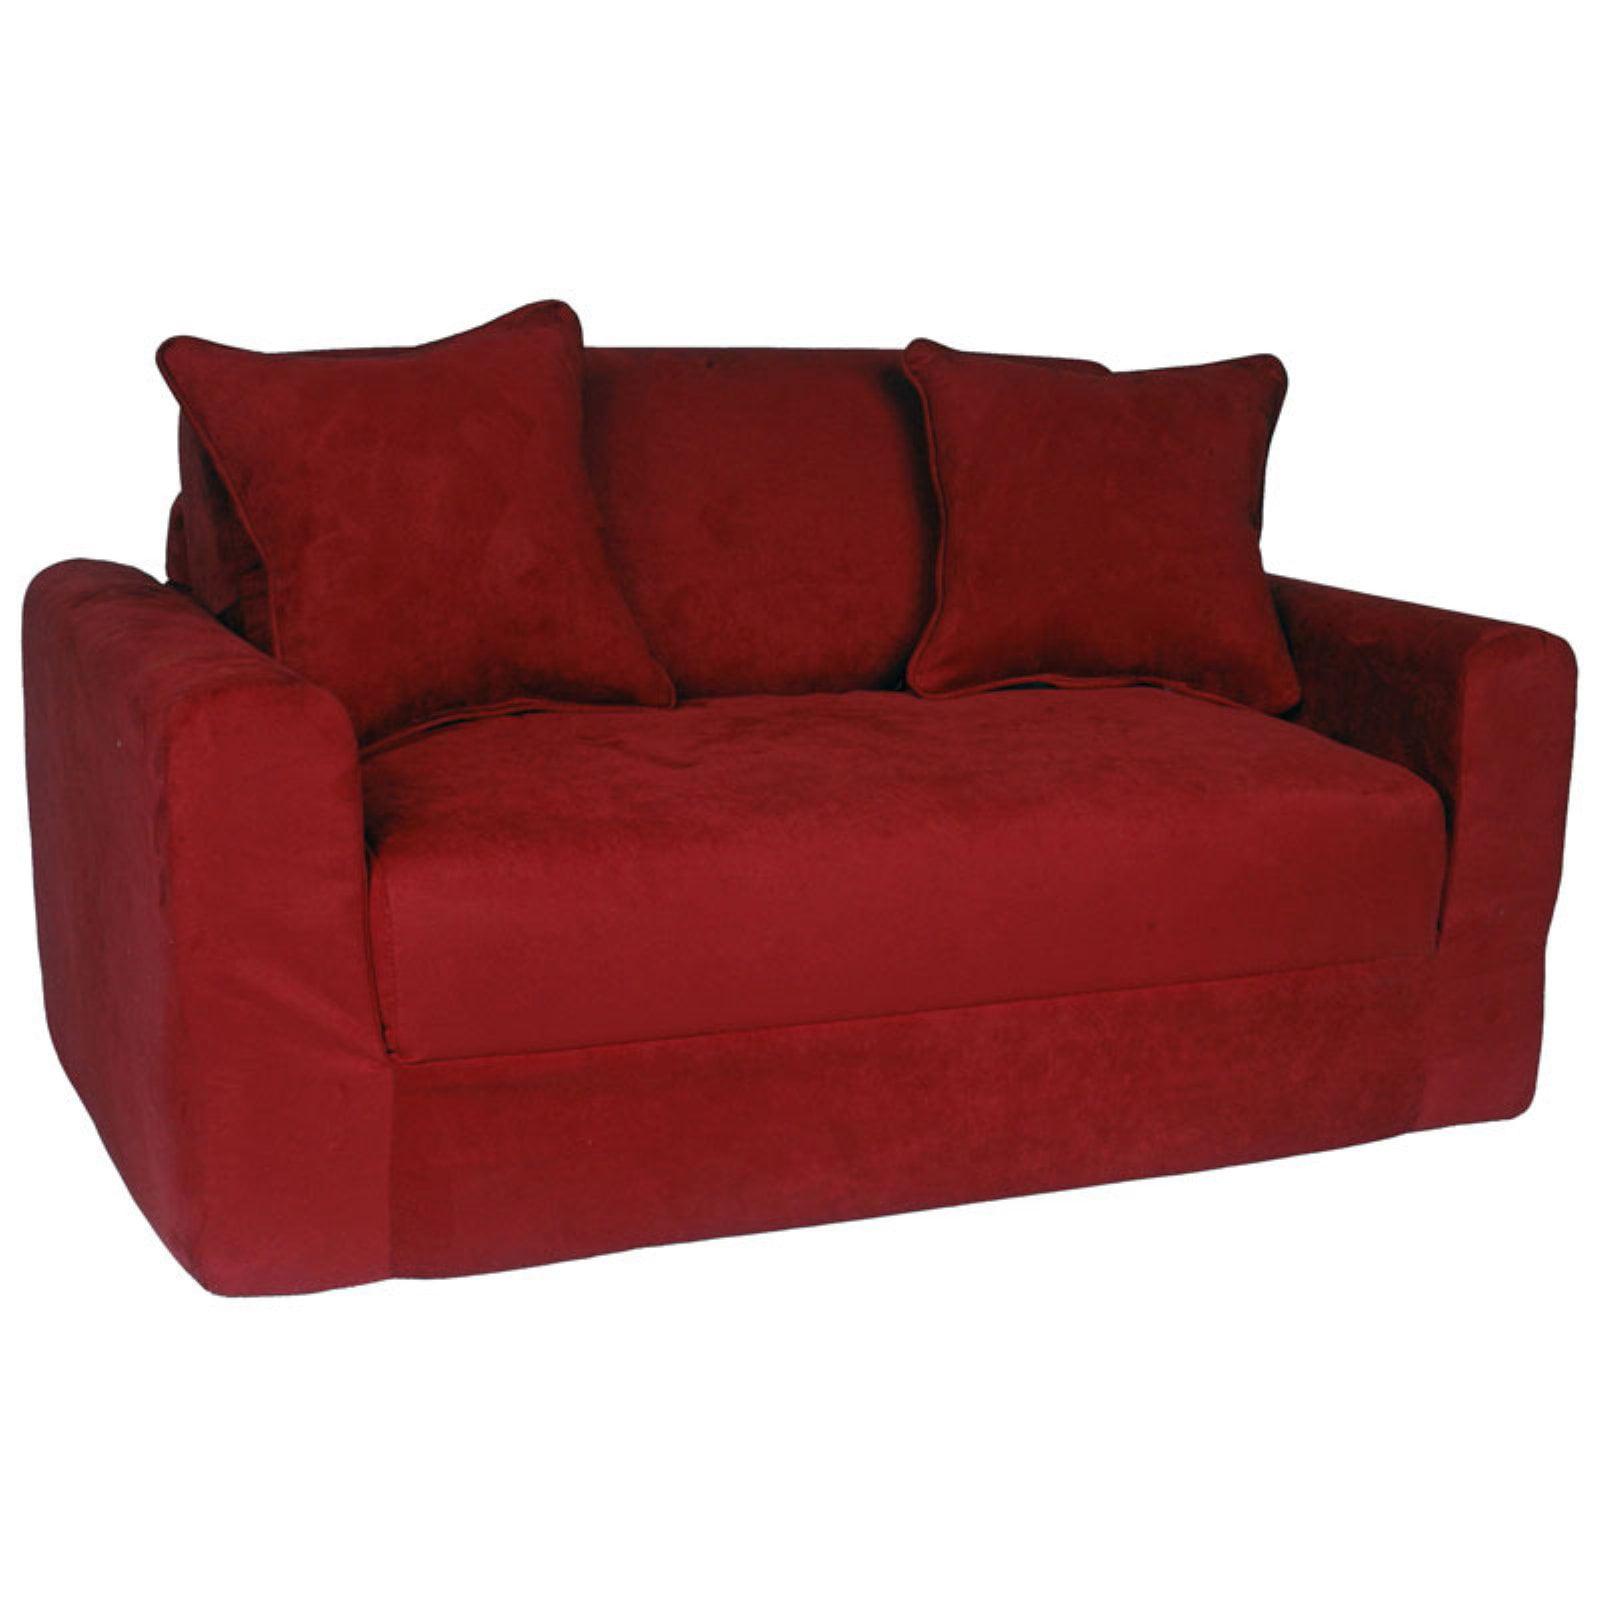 Fun Furnishings Micro Suede Sofa Sleeper